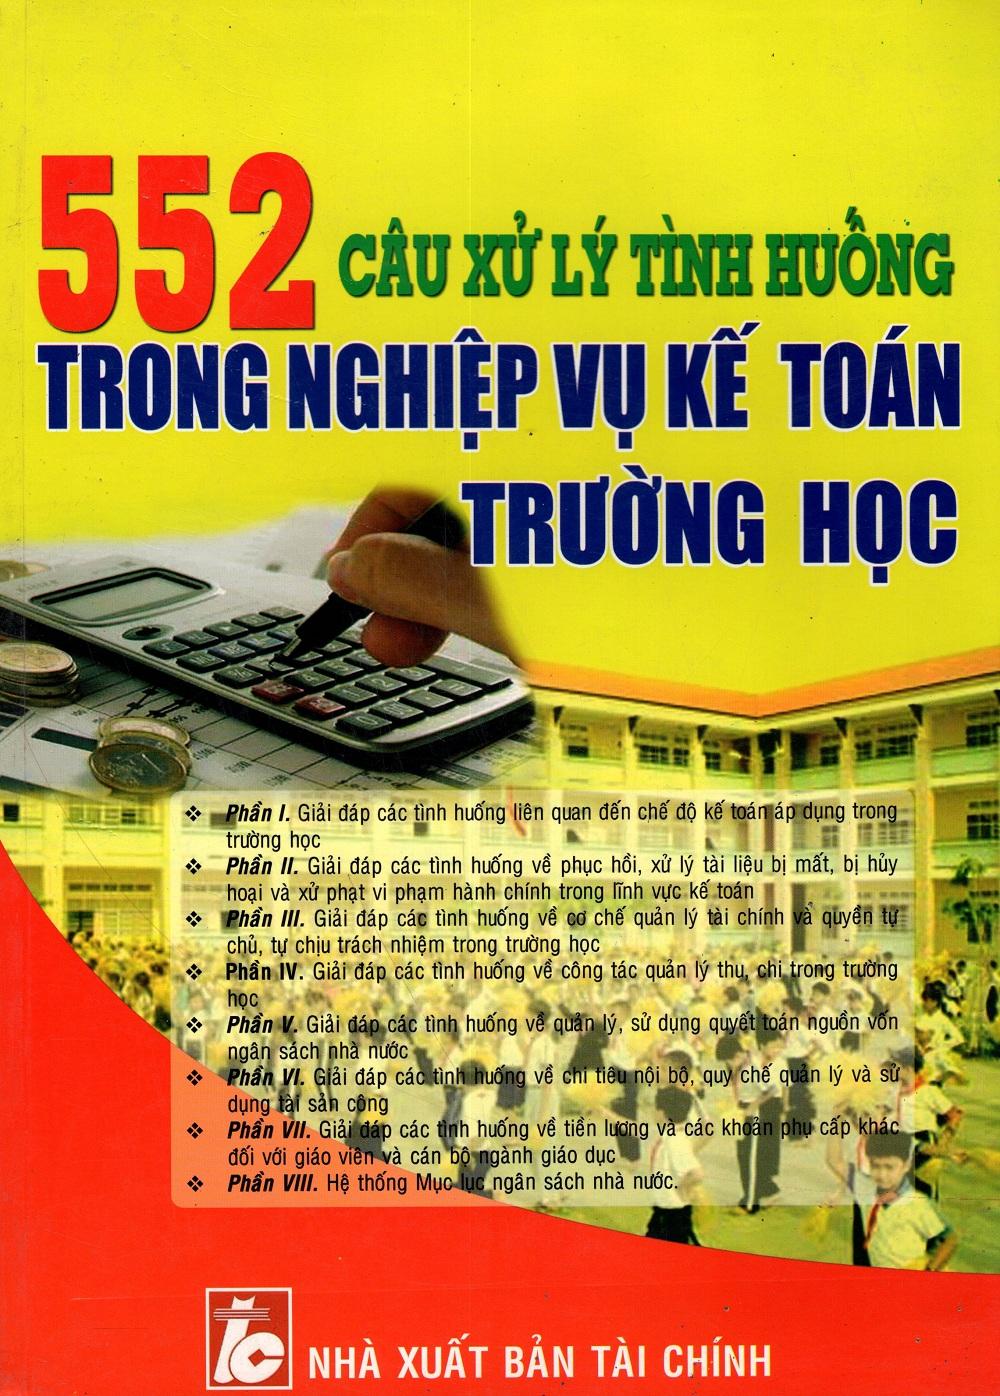 552 Câu Xử Lý Tình Huống Trong Nghiệp Vụ Kế Toán Trường Học - 3102036941719,62_250493,325000,tiki.vn,552-Cau-Xu-Ly-Tinh-Huong-Trong-Nghiep-Vu-Ke-Toan-Truong-Hoc-62_250493,552 Câu Xử Lý Tình Huống Trong Nghiệp Vụ Kế Toán Trường Học